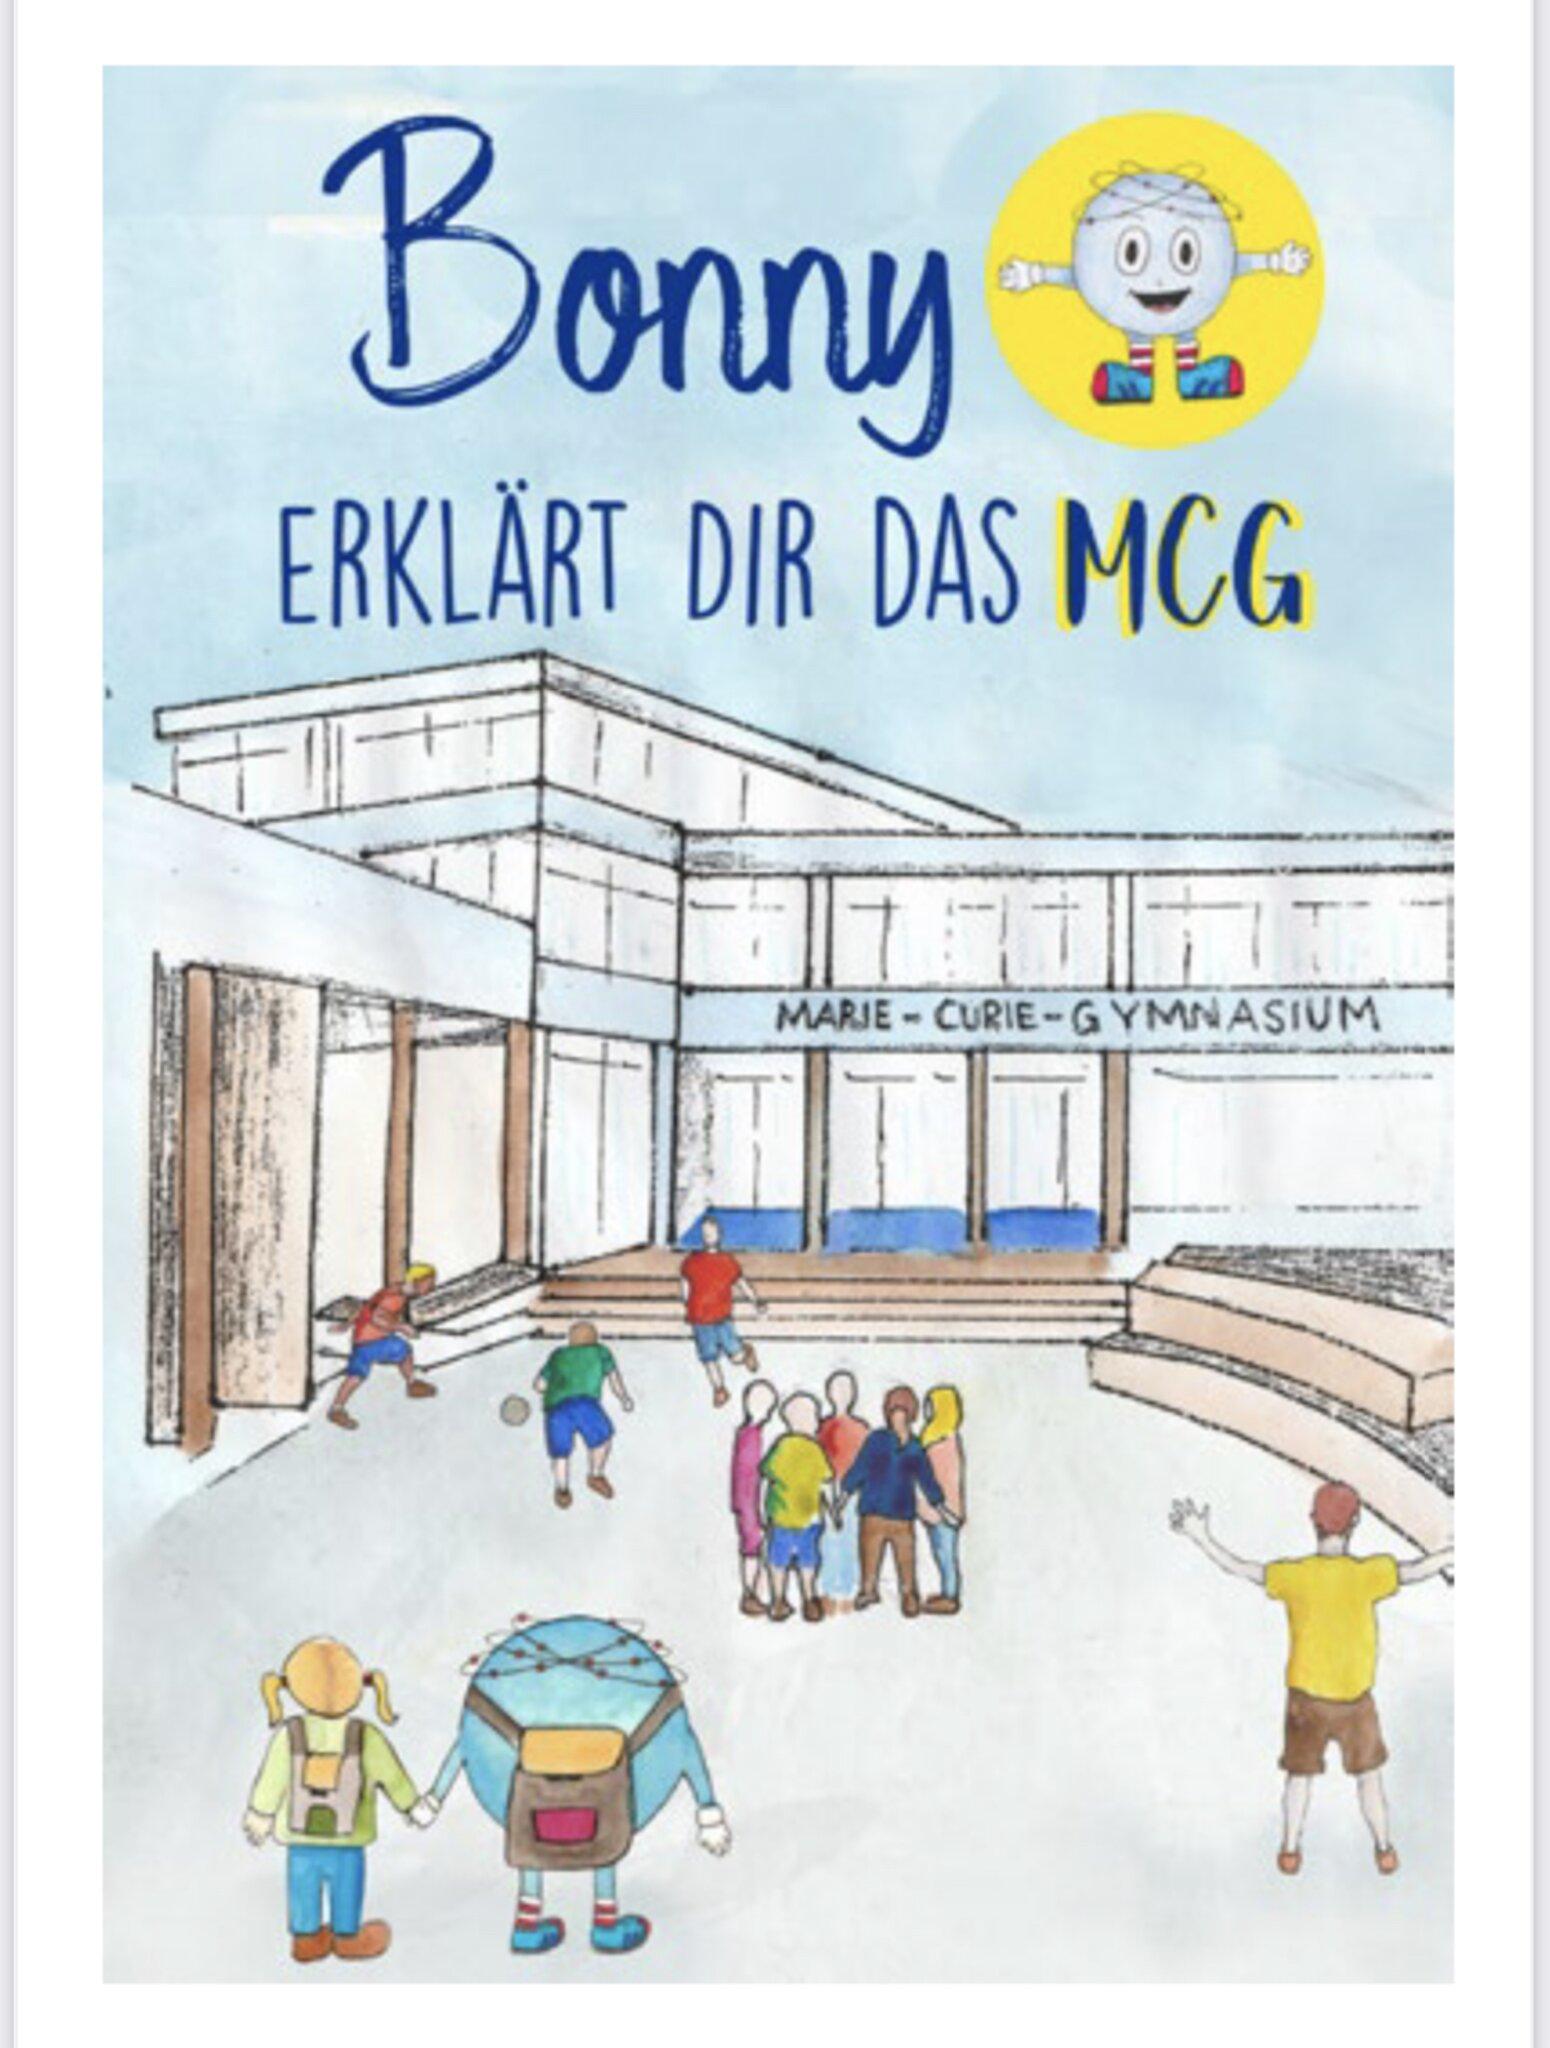 Zweite Auflage der Kinderbroschüre des MCG erschienen: Maskottchen Bonny erklärt Grundschülern das Gymnasium